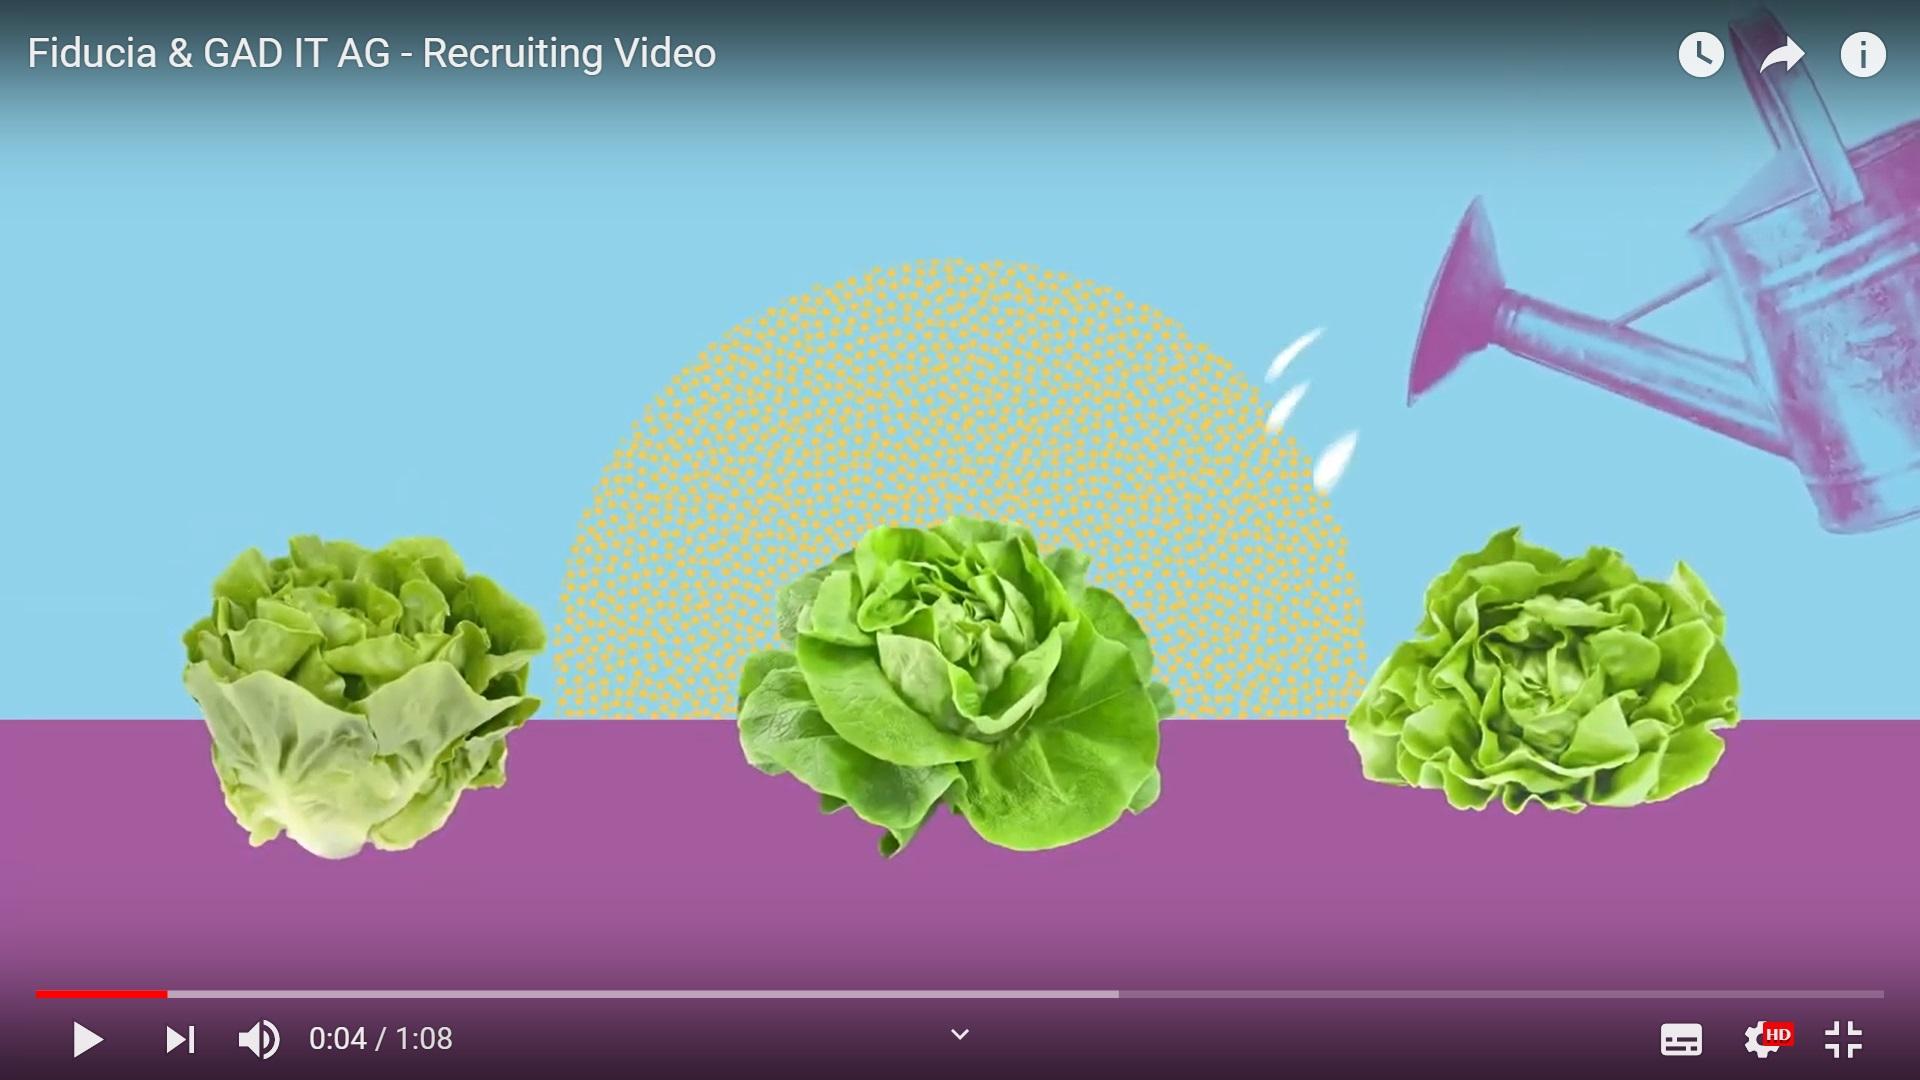 Link zu Recruiting Video von Fiducia